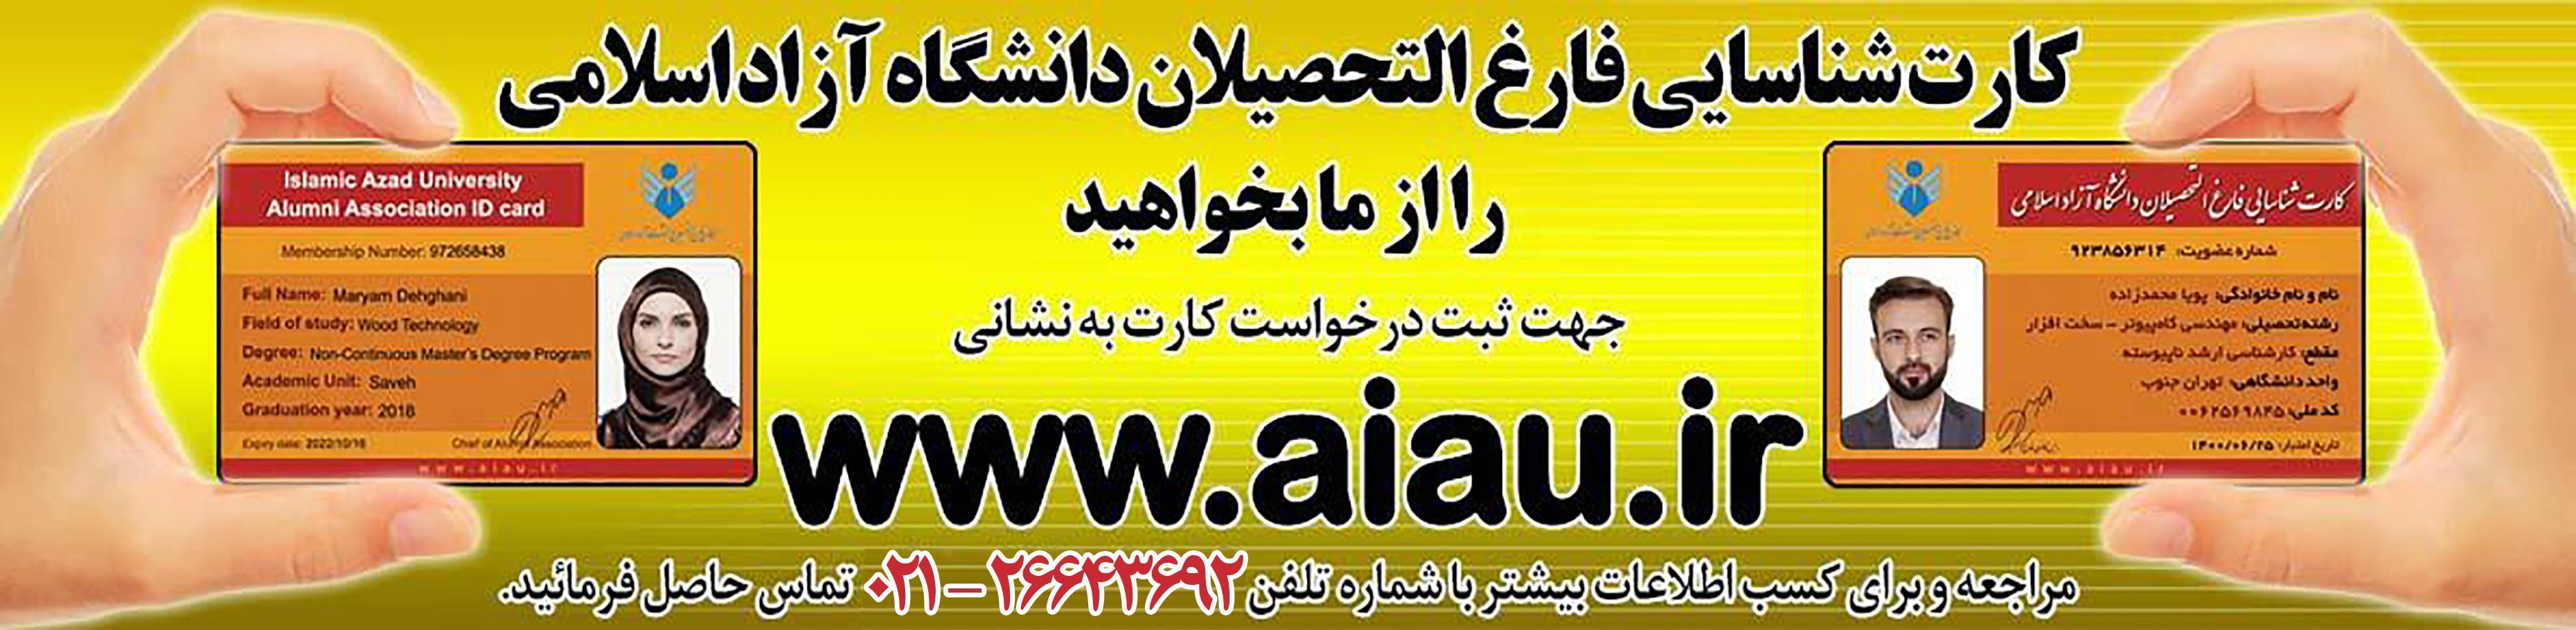 کارت شناسایی فارغ التحصیلان دانشگاه آزاد اسلامی را از ما بخواهید